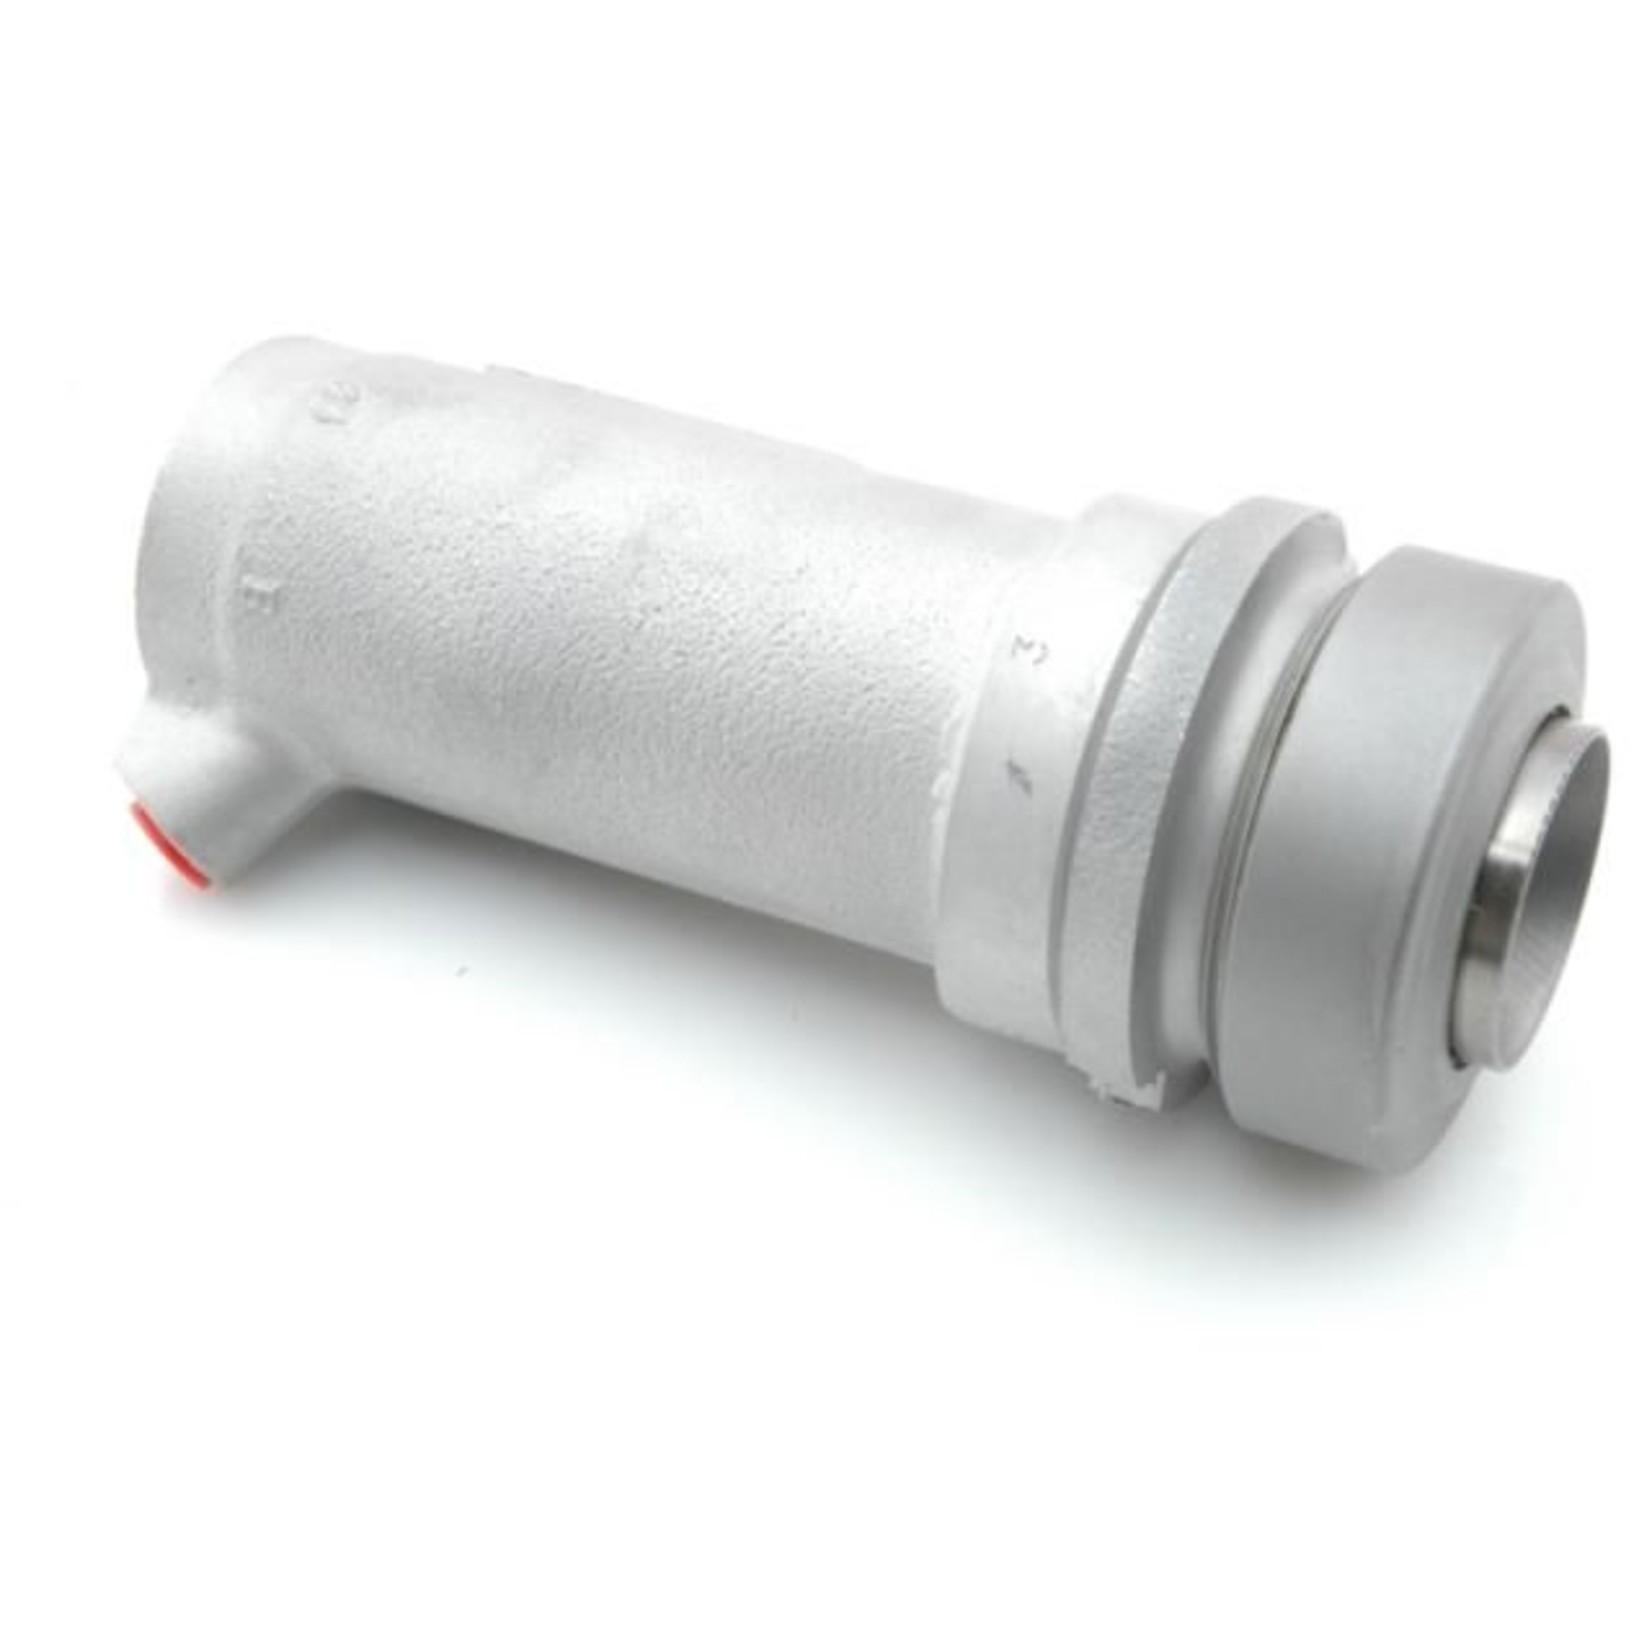 Voorveercilinder rechts gereviseerd LHM Nr Org: DXN434016